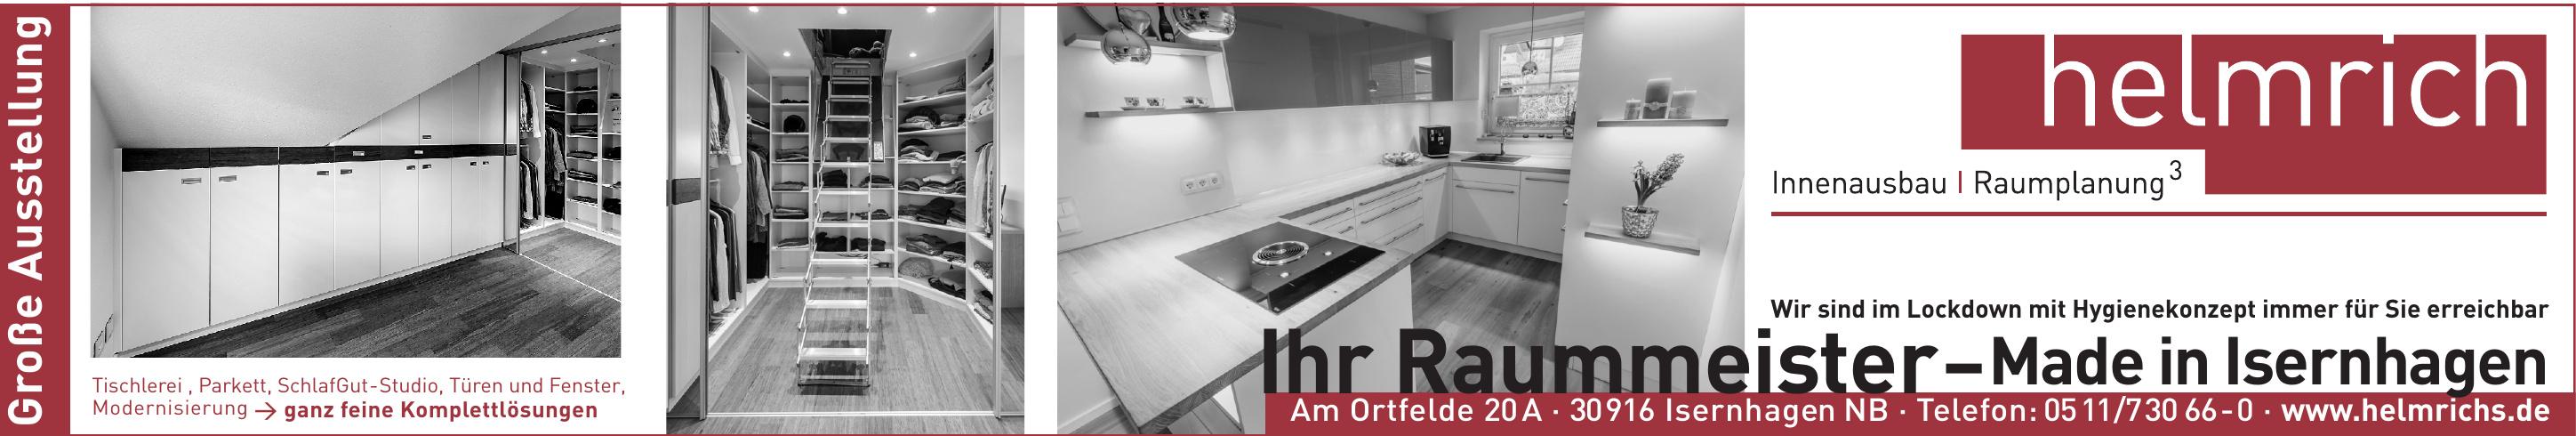 Helmrich's Innenausbau + Raumplanung